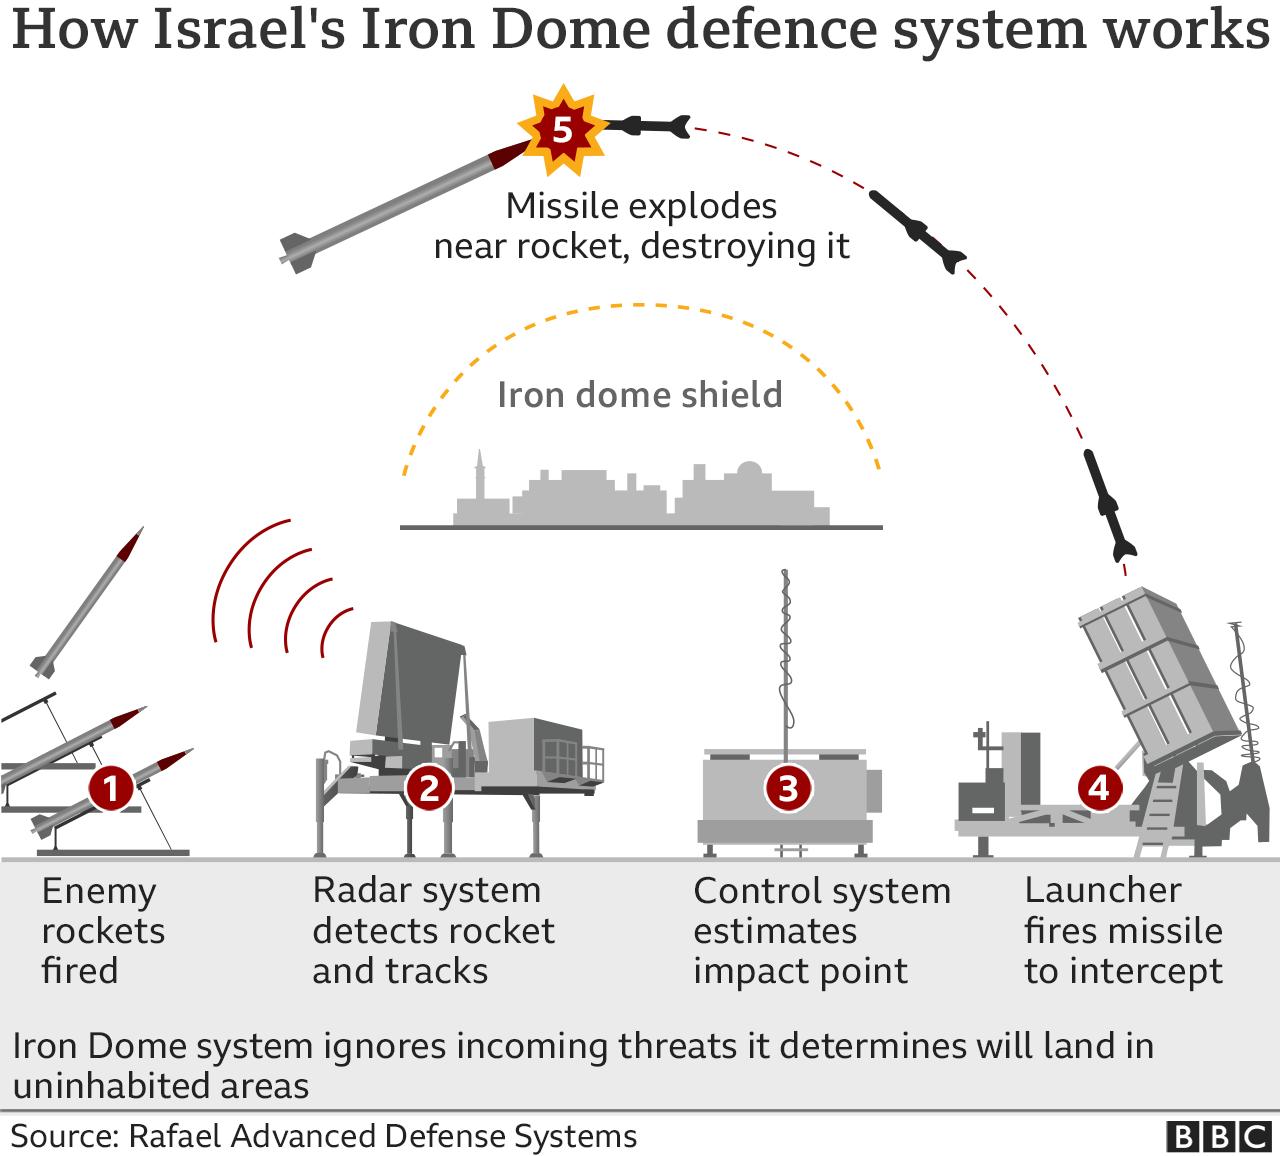 Grafik yang menunjukkan cara kerja sistem pertahanan rudal Iron Dome Israel